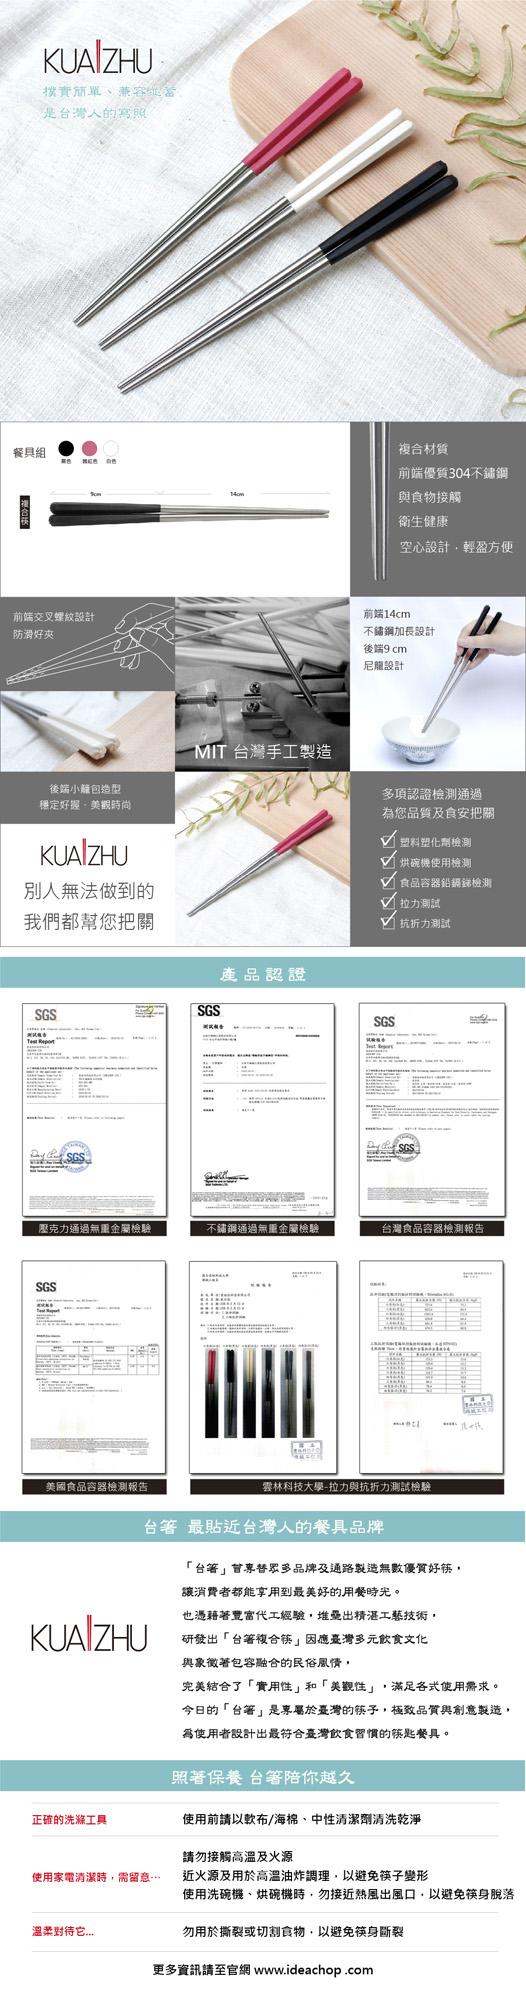 台箸KUAI ZHU|創意六角好筷23cm 沉黑 5雙入